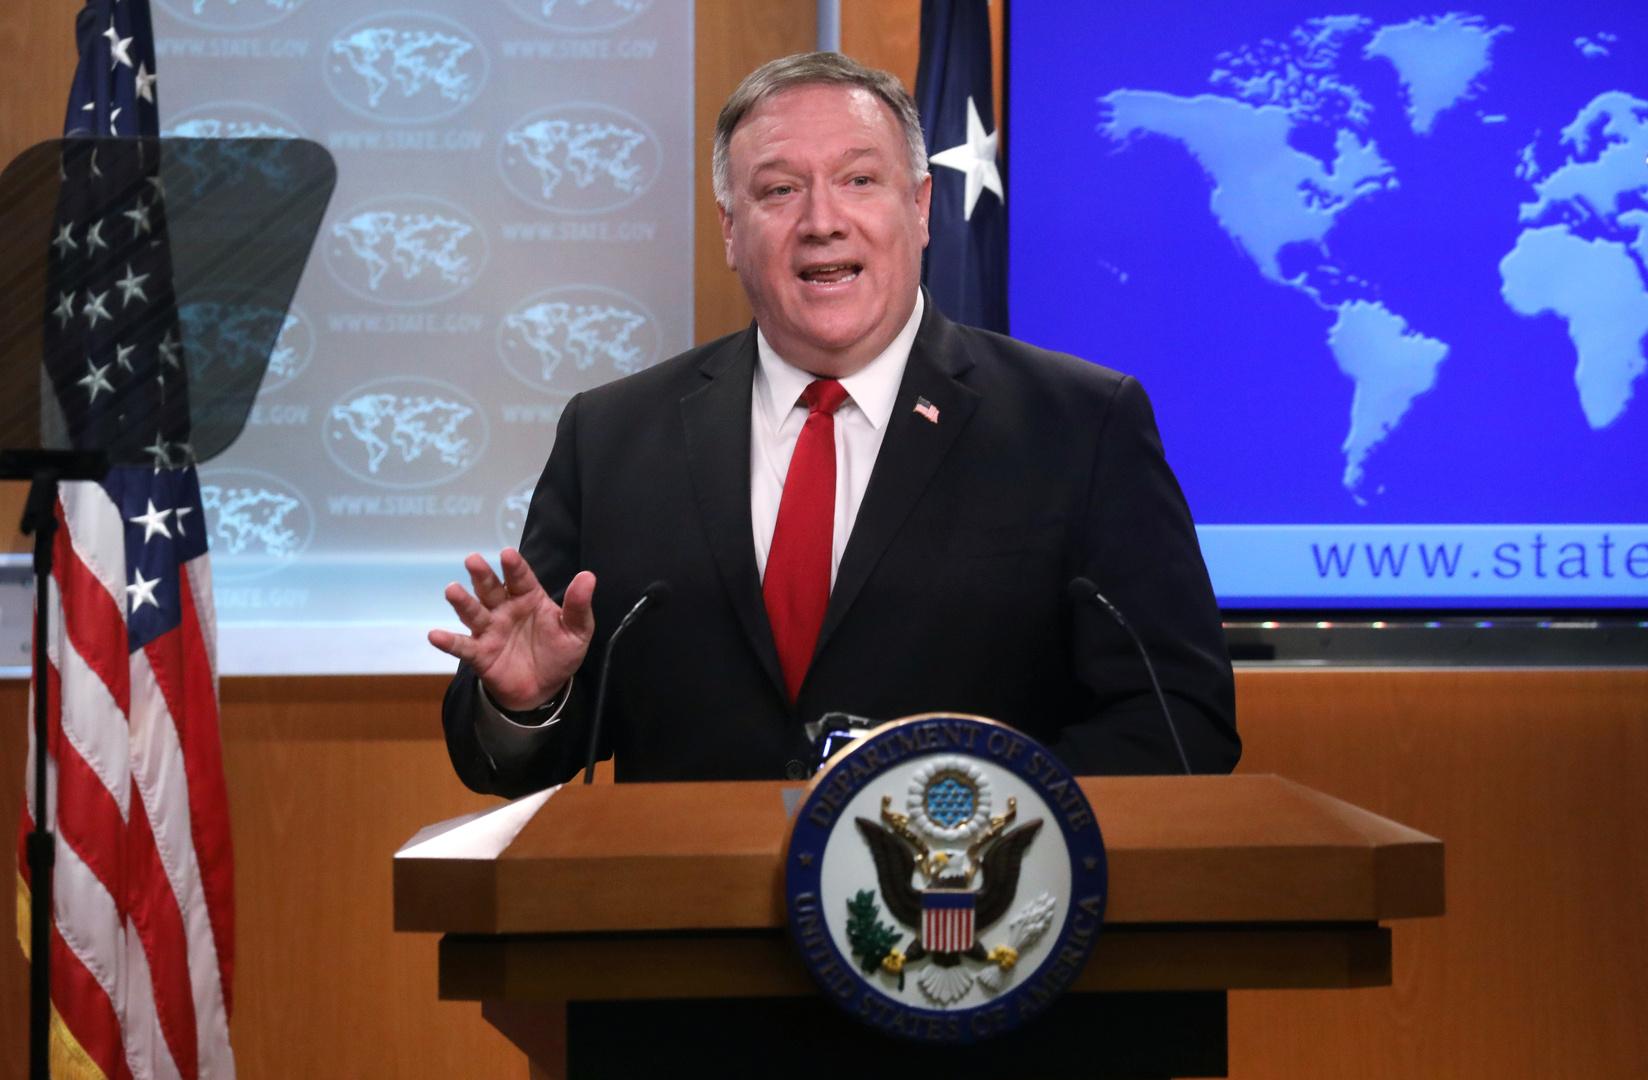 بومبيو: واشنطن تتفق مع استنتاجات منظمة حظر الكيميائي بشأن سوريا